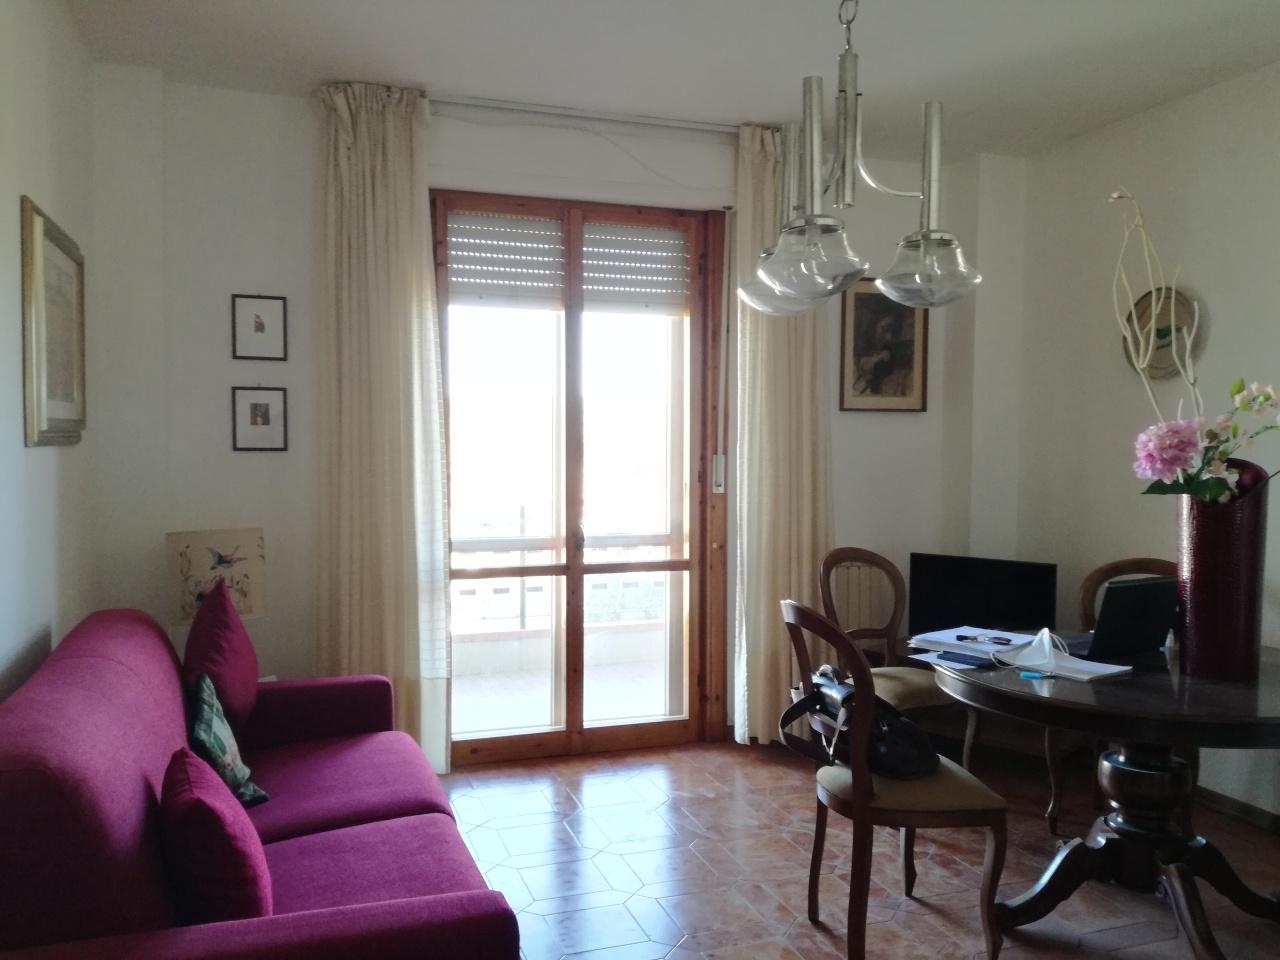 Appartamento in vendita a Follonica, 3 locali, prezzo € 155.000 | PortaleAgenzieImmobiliari.it